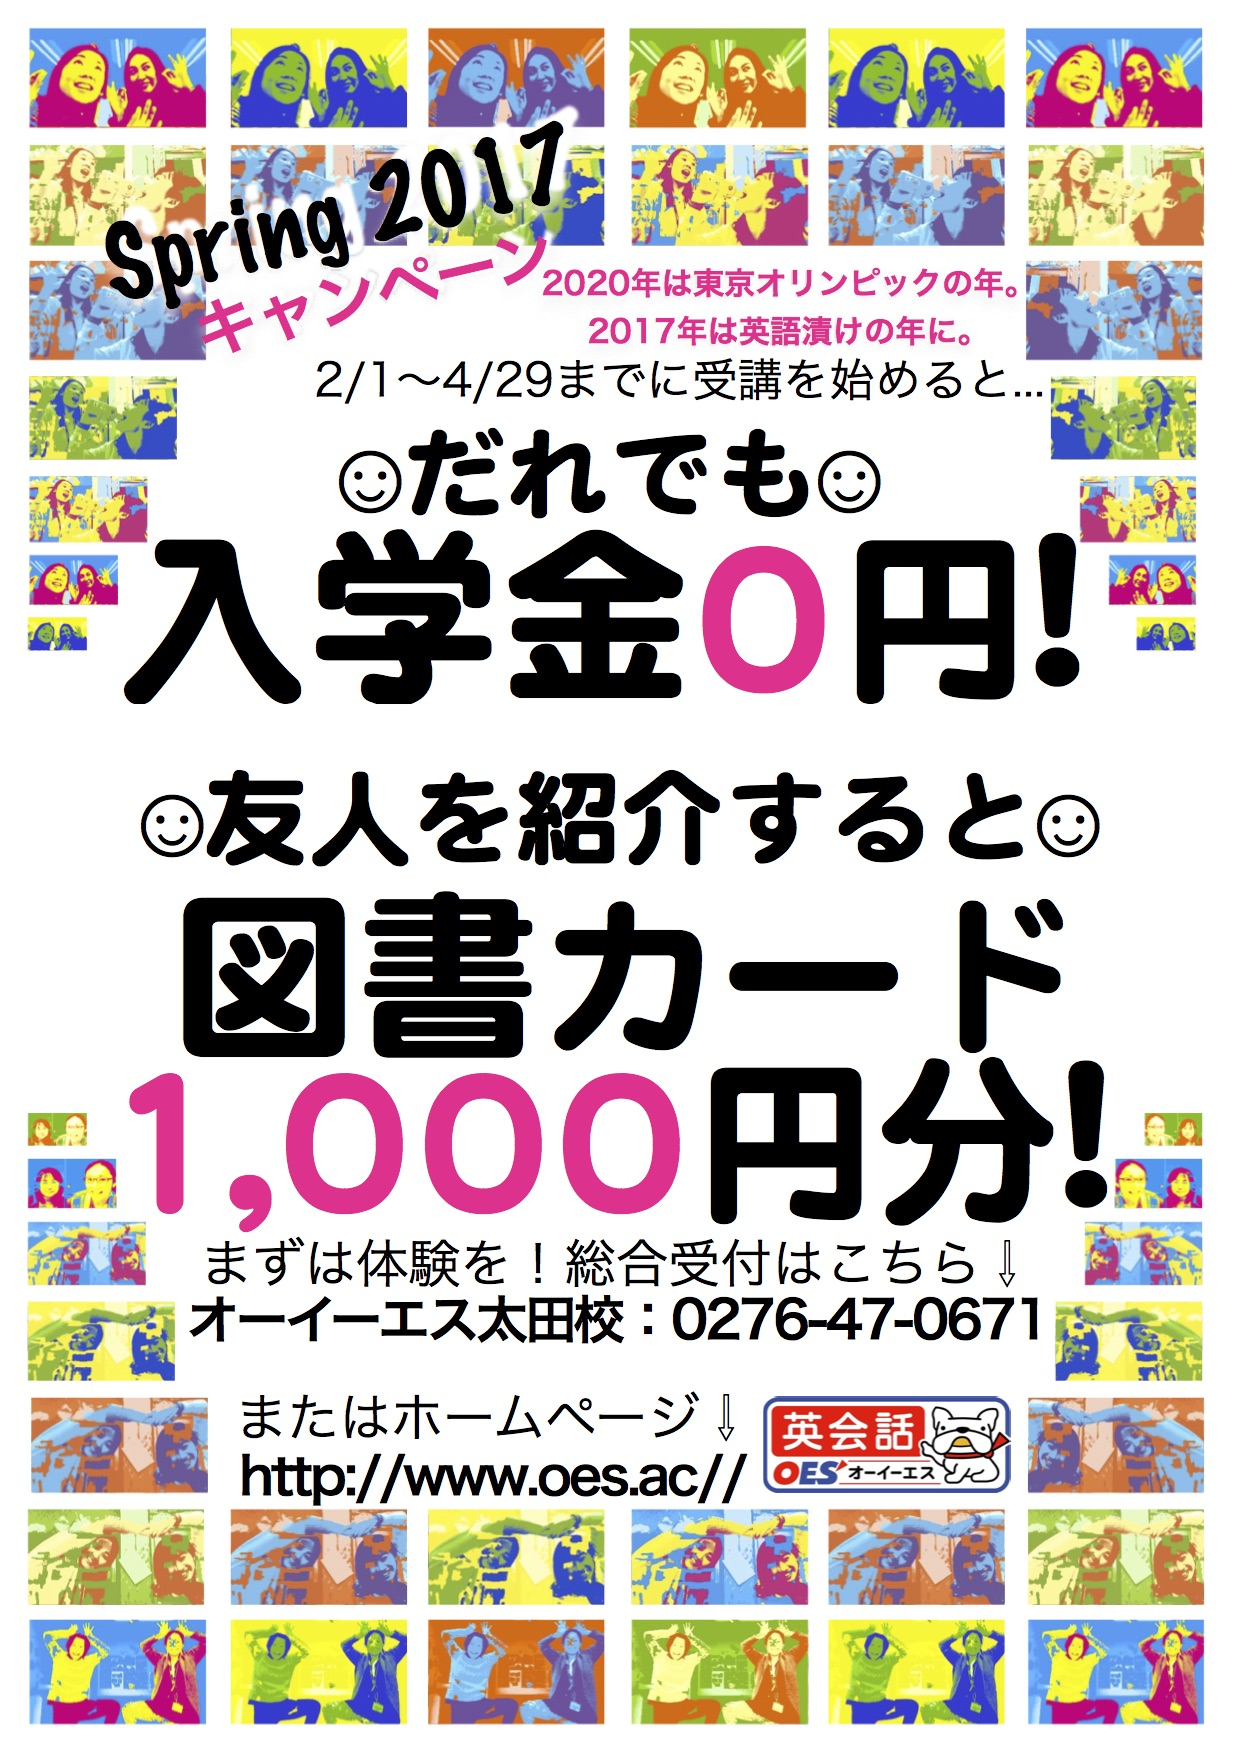 2017 春キャンペーンポスター